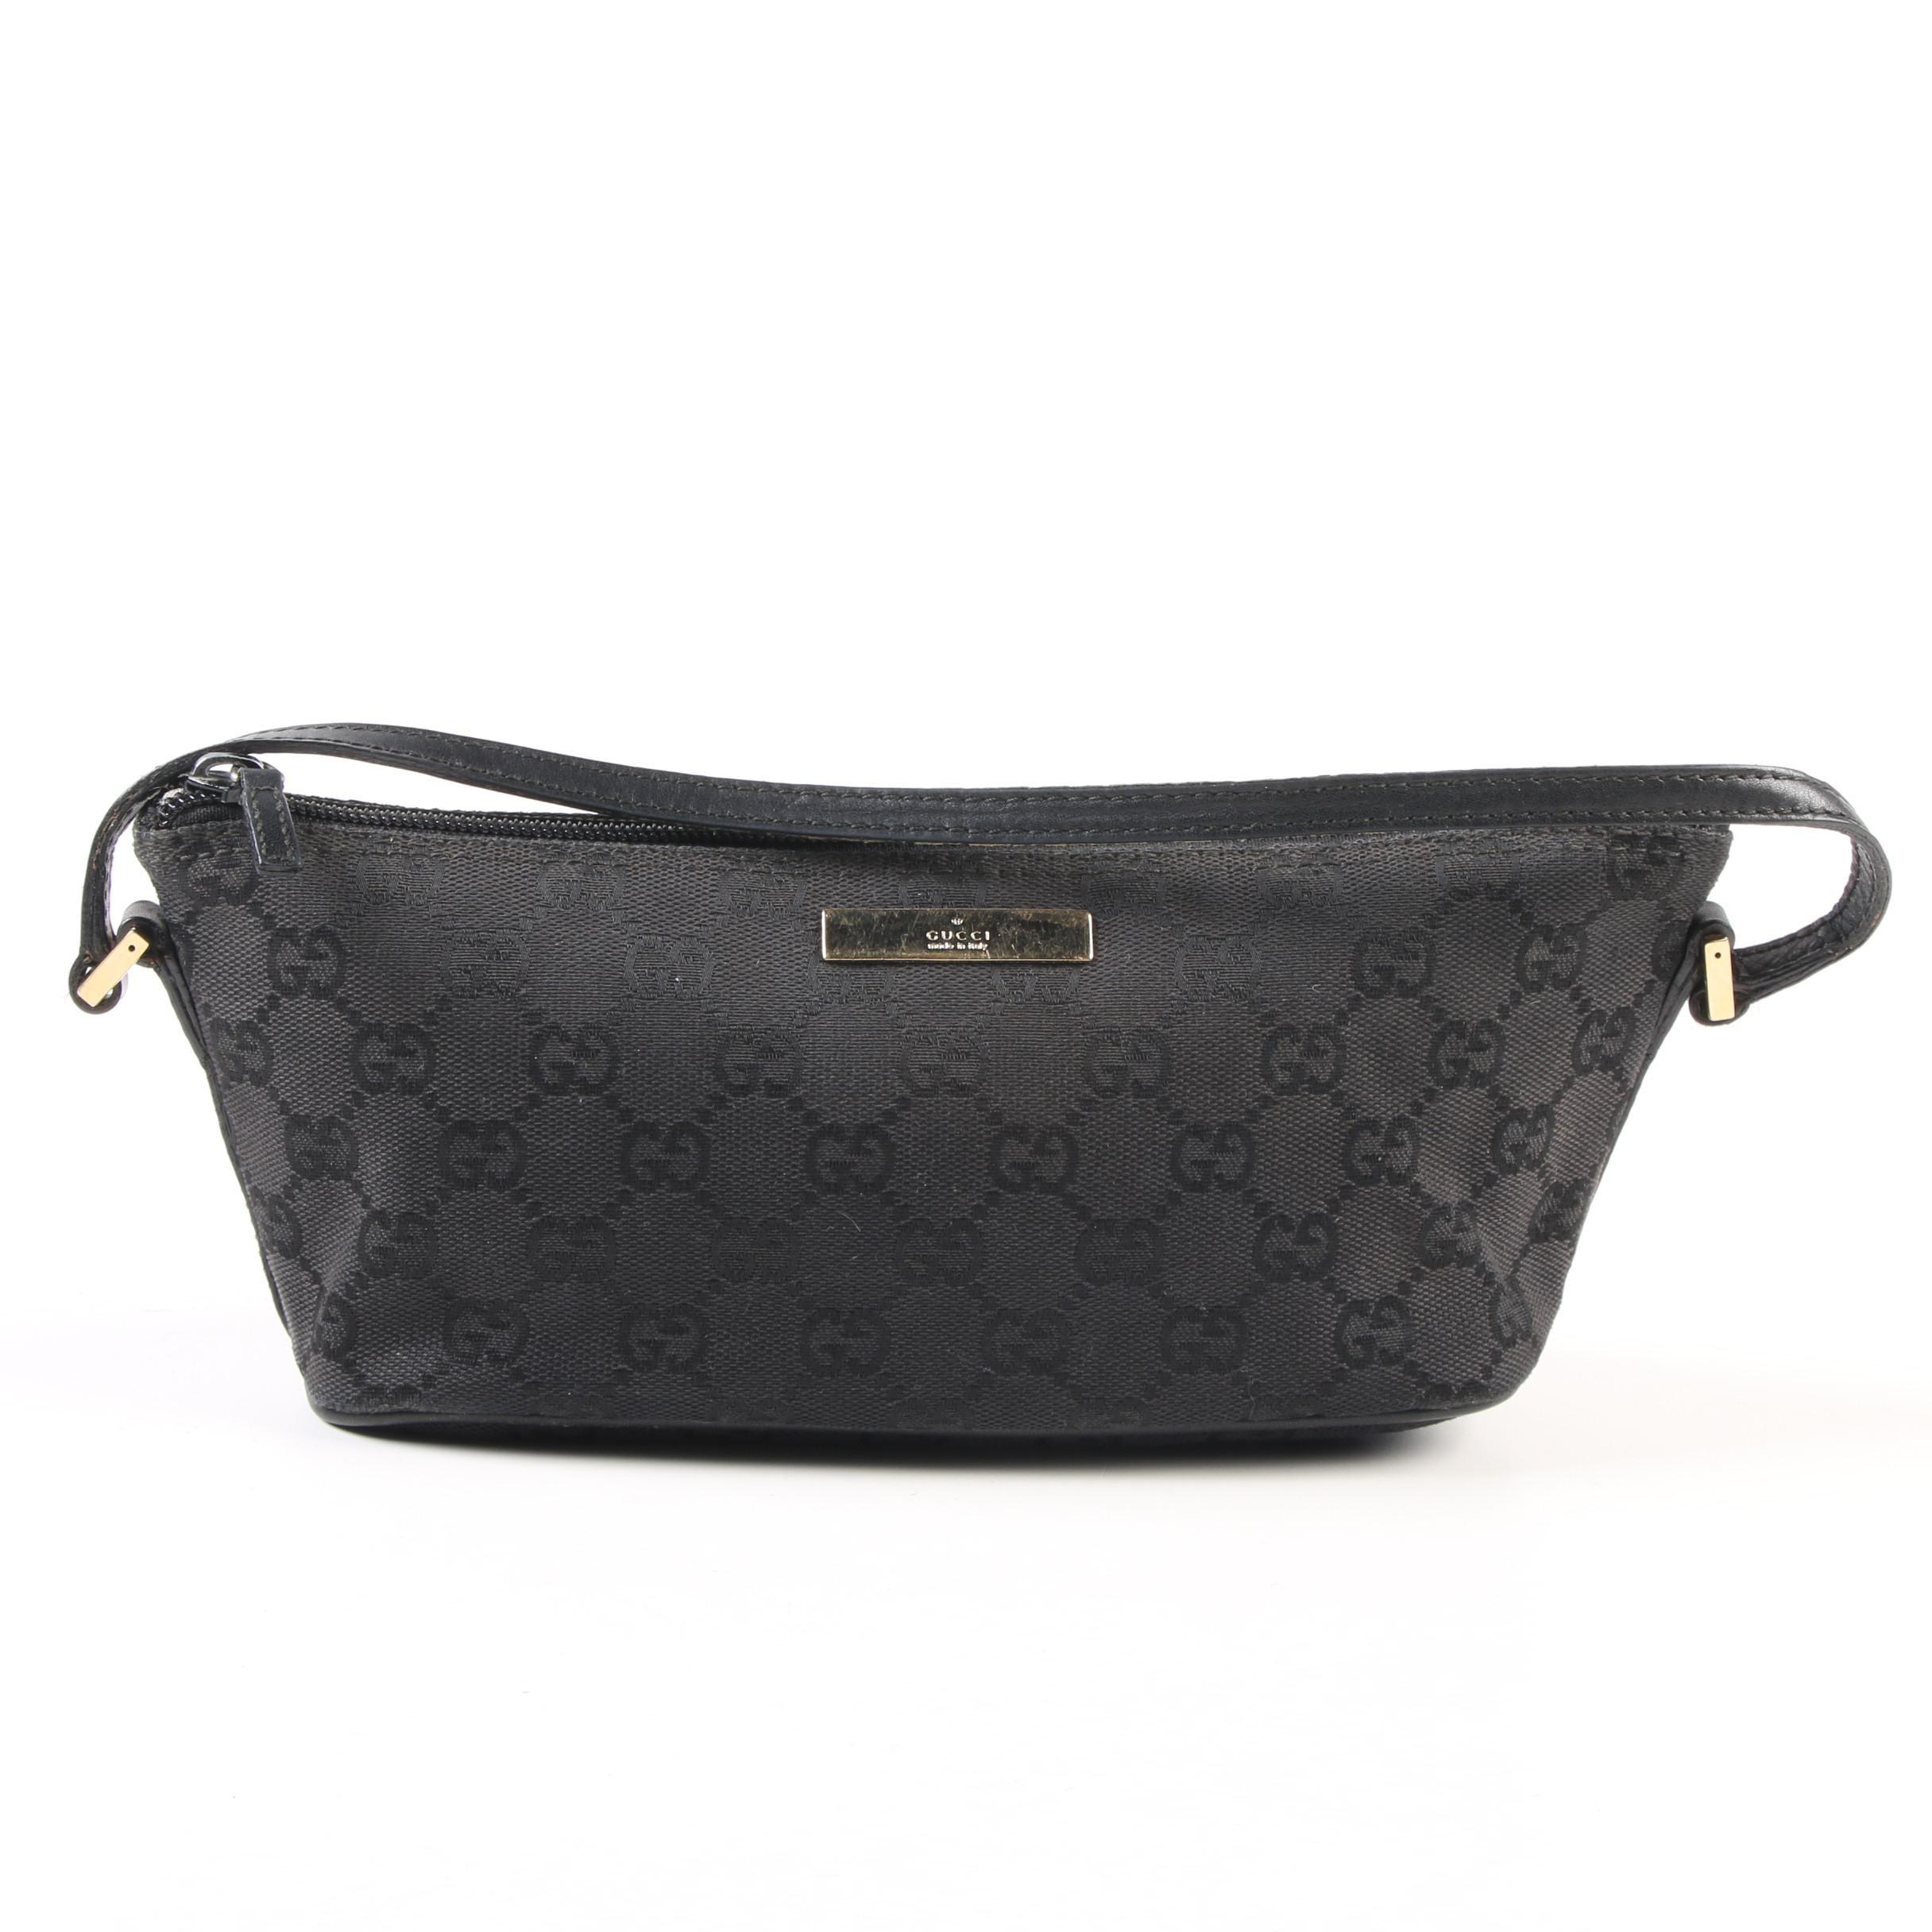 Gucci GG Canvas Demi Handbag in Black